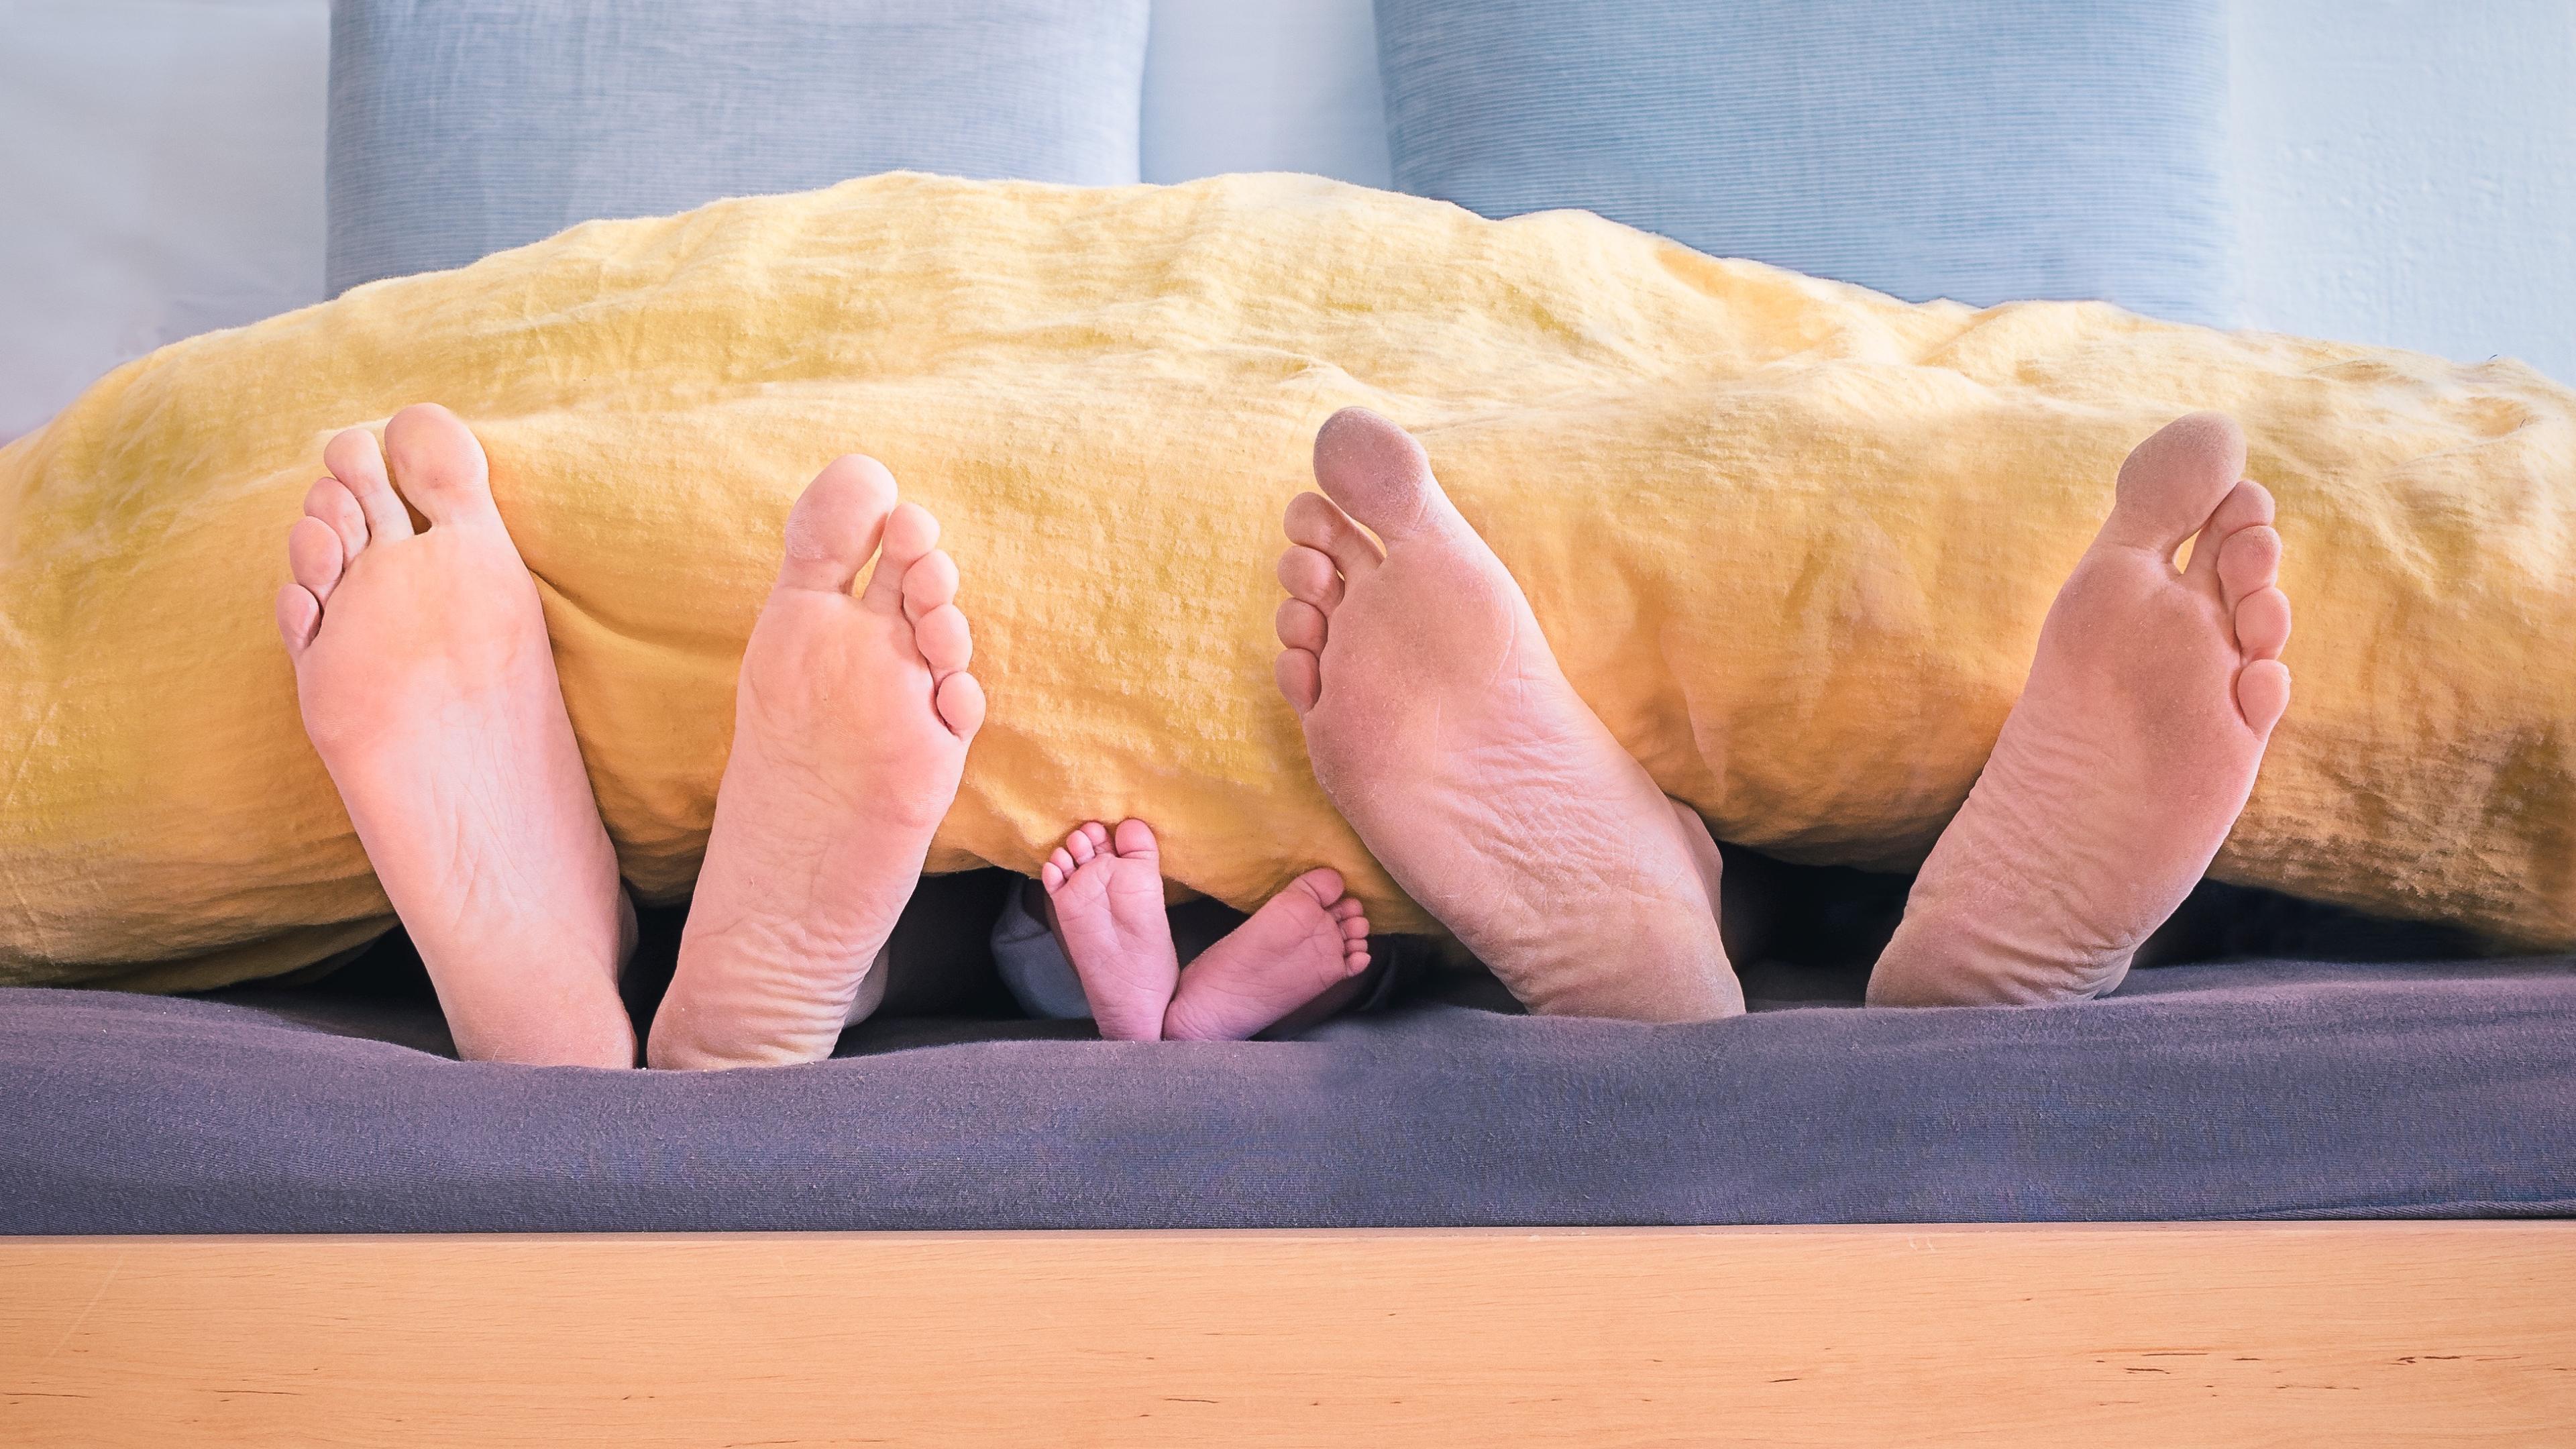 При бессоннице и психических расстройствах поможет тяжелое одеяло